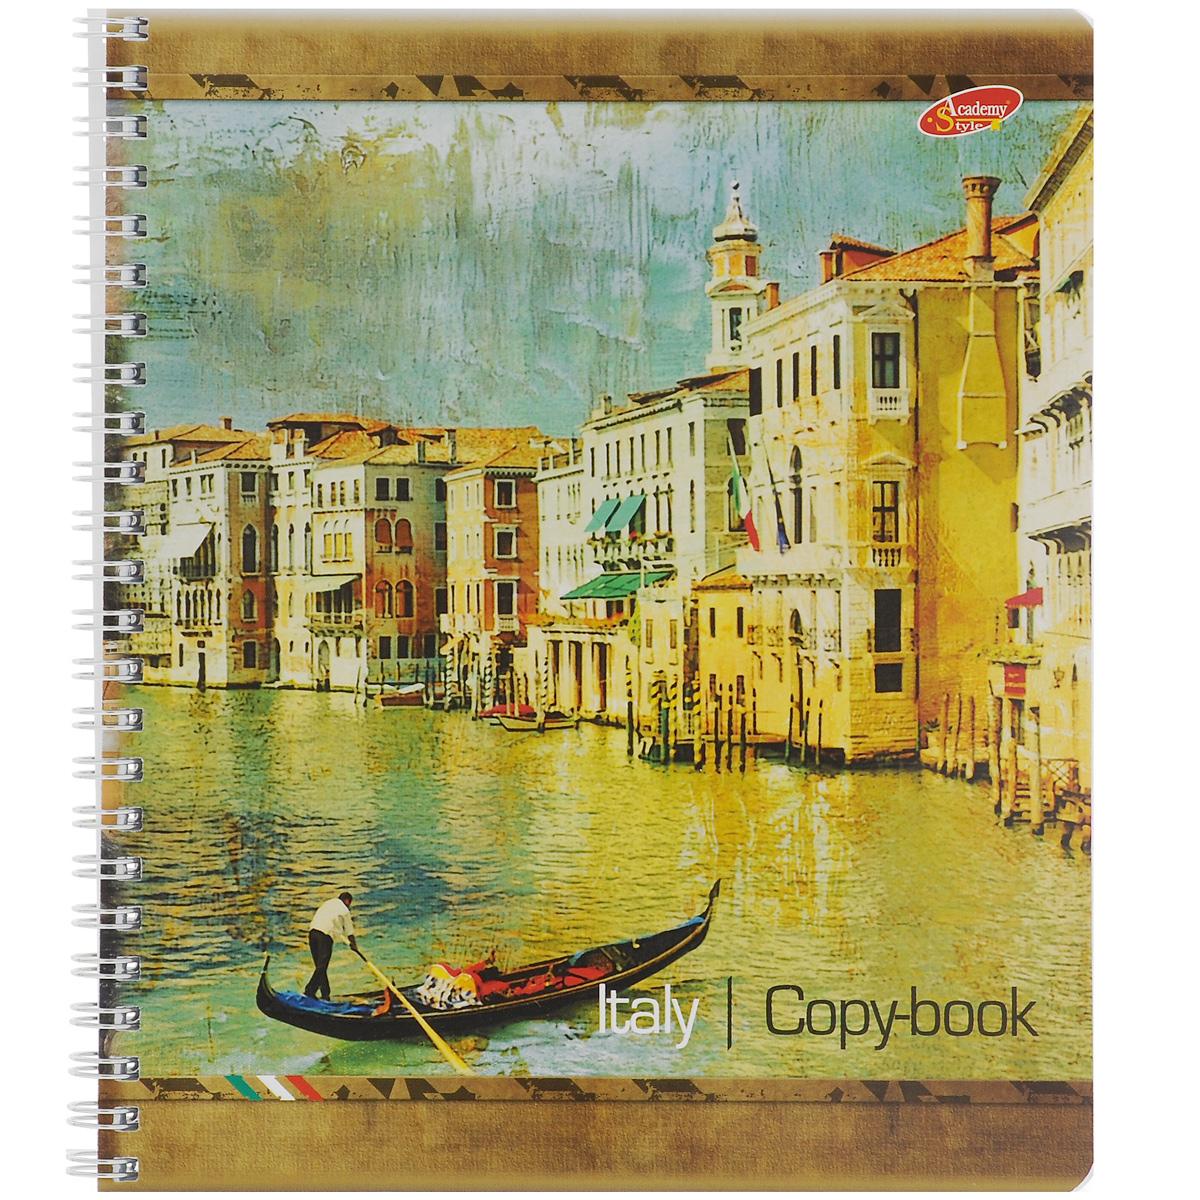 Тетрадь Италия в картинах: Венеция, 80 листов, формат А55687/3_ВенецияТетрадь в клетку Италия в картинах: Венеция с красочным изображением на обложке подойдет как студенту, так и школьнику. Обложка тетради с закругленными углами выполнена из картона. Внутренний блок состоит из 80 листов белой бумаги на гребне. Разметка страниц стандартная - в клетку, без полей.